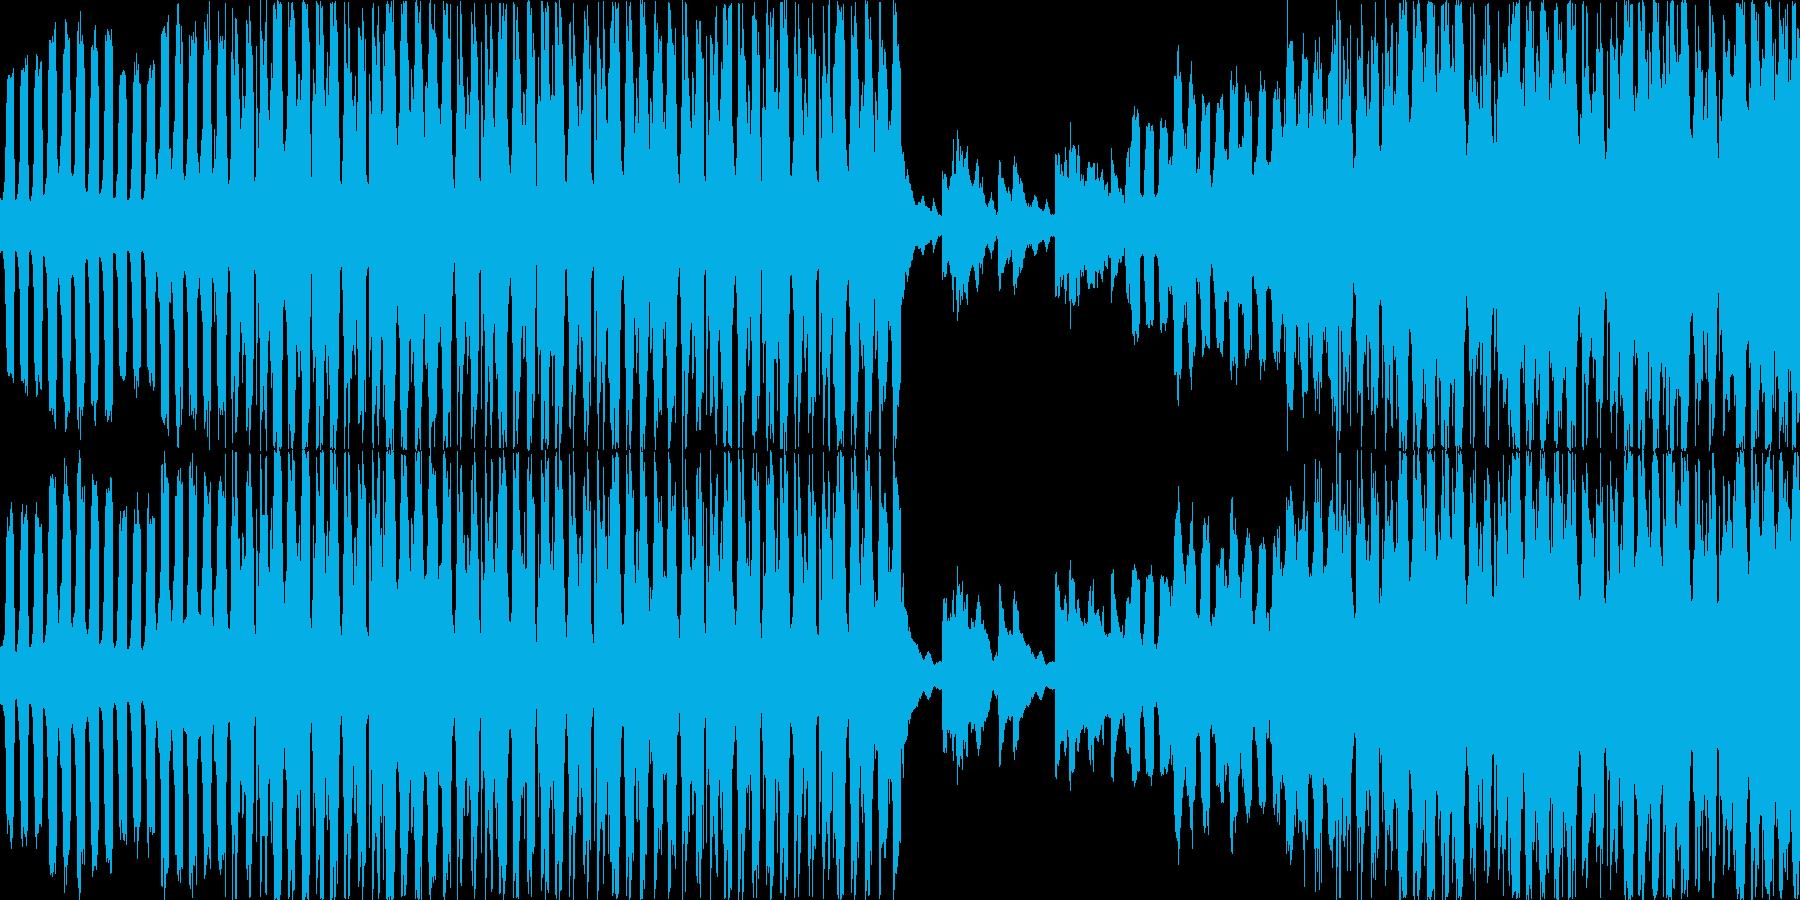 【映像系】令和幕開け_EDM調の再生済みの波形